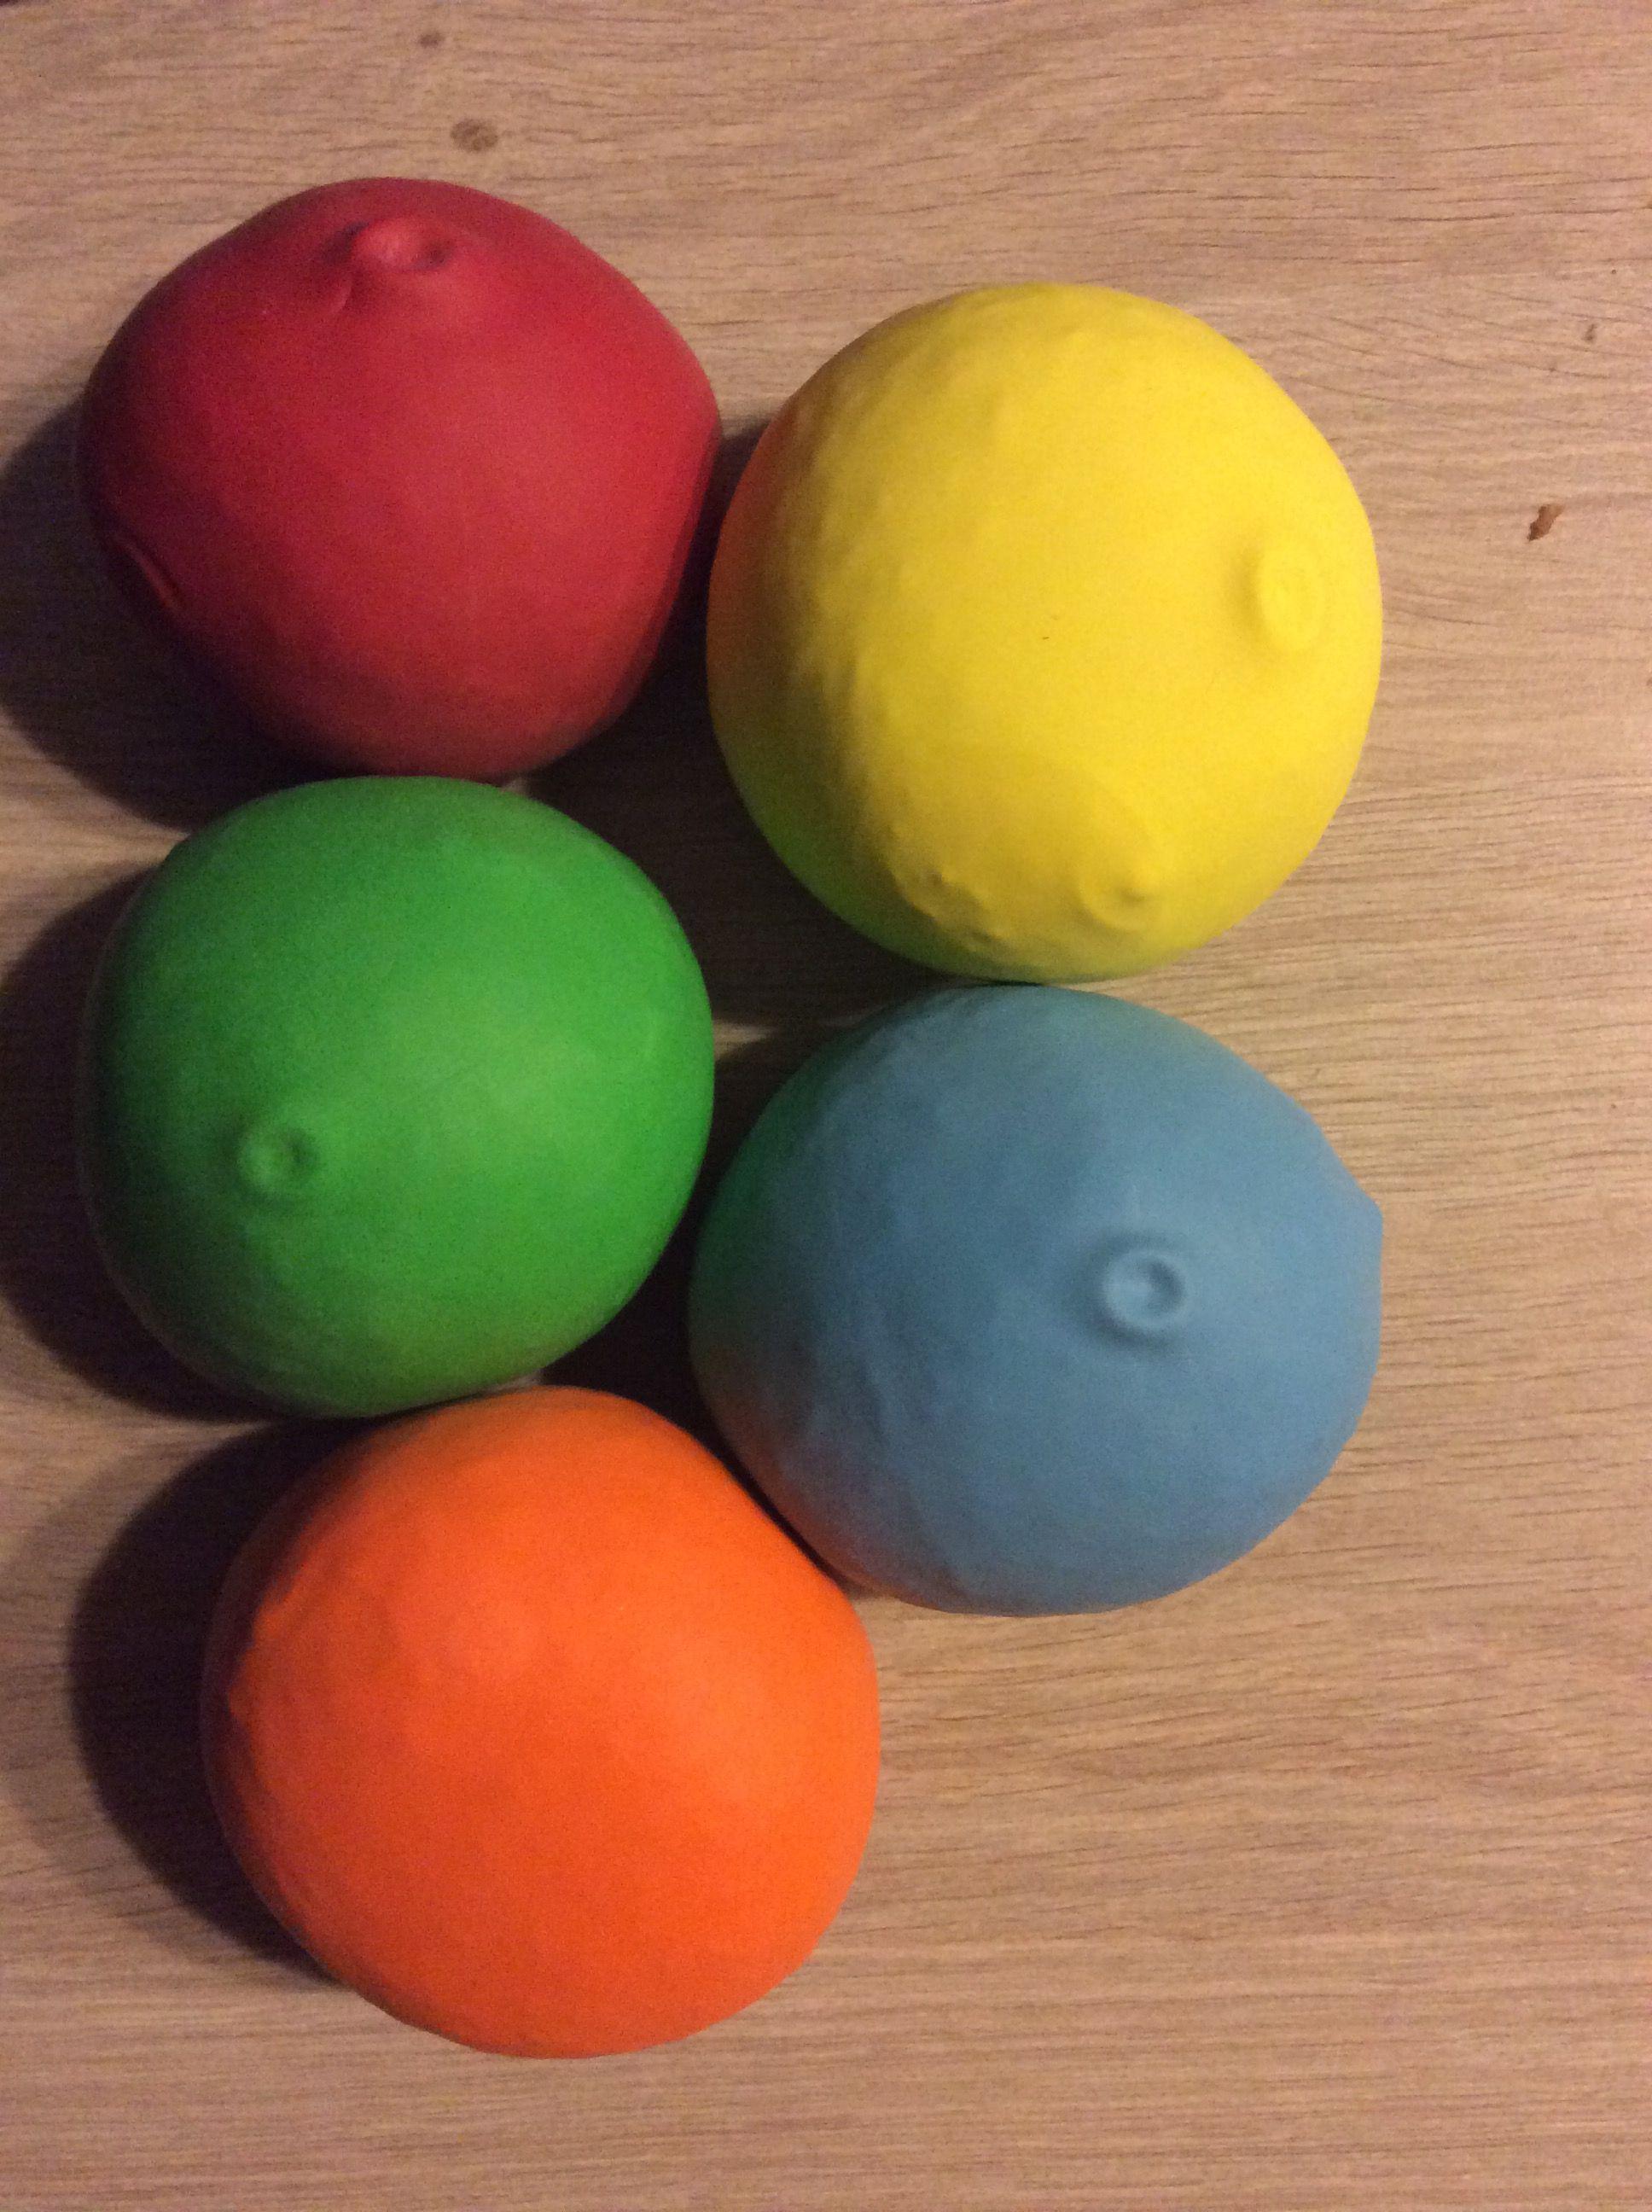 Maak Zelf Ballen Met Rijst En Ballonnen Tip Voor De Ballonnen Met Reclame Op Draai Ze Gewoon Binnenstebuiten Liestr Ballonnen Ballon Ballen